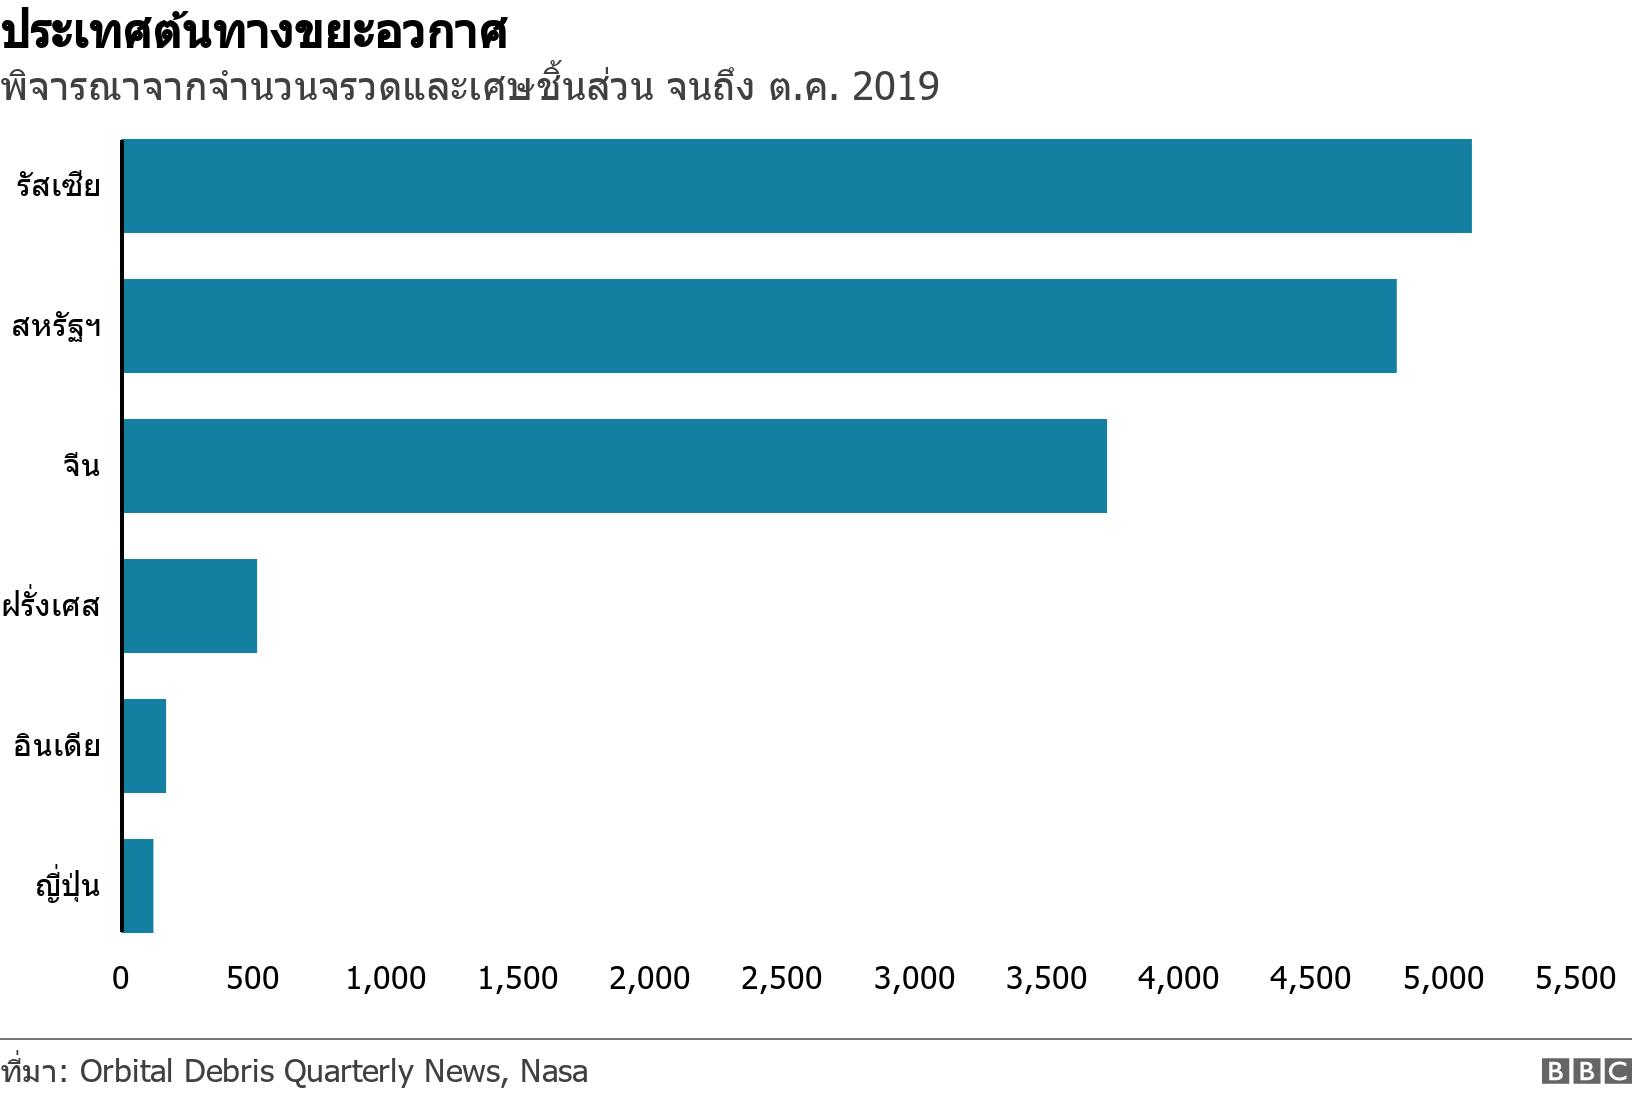 ประเทศต้นทางขยะอวกาศ  . พิจารณาจากจำนวนจรวดและเศษชิ้นส่วน จนถึง ต.ค. 2019.  .